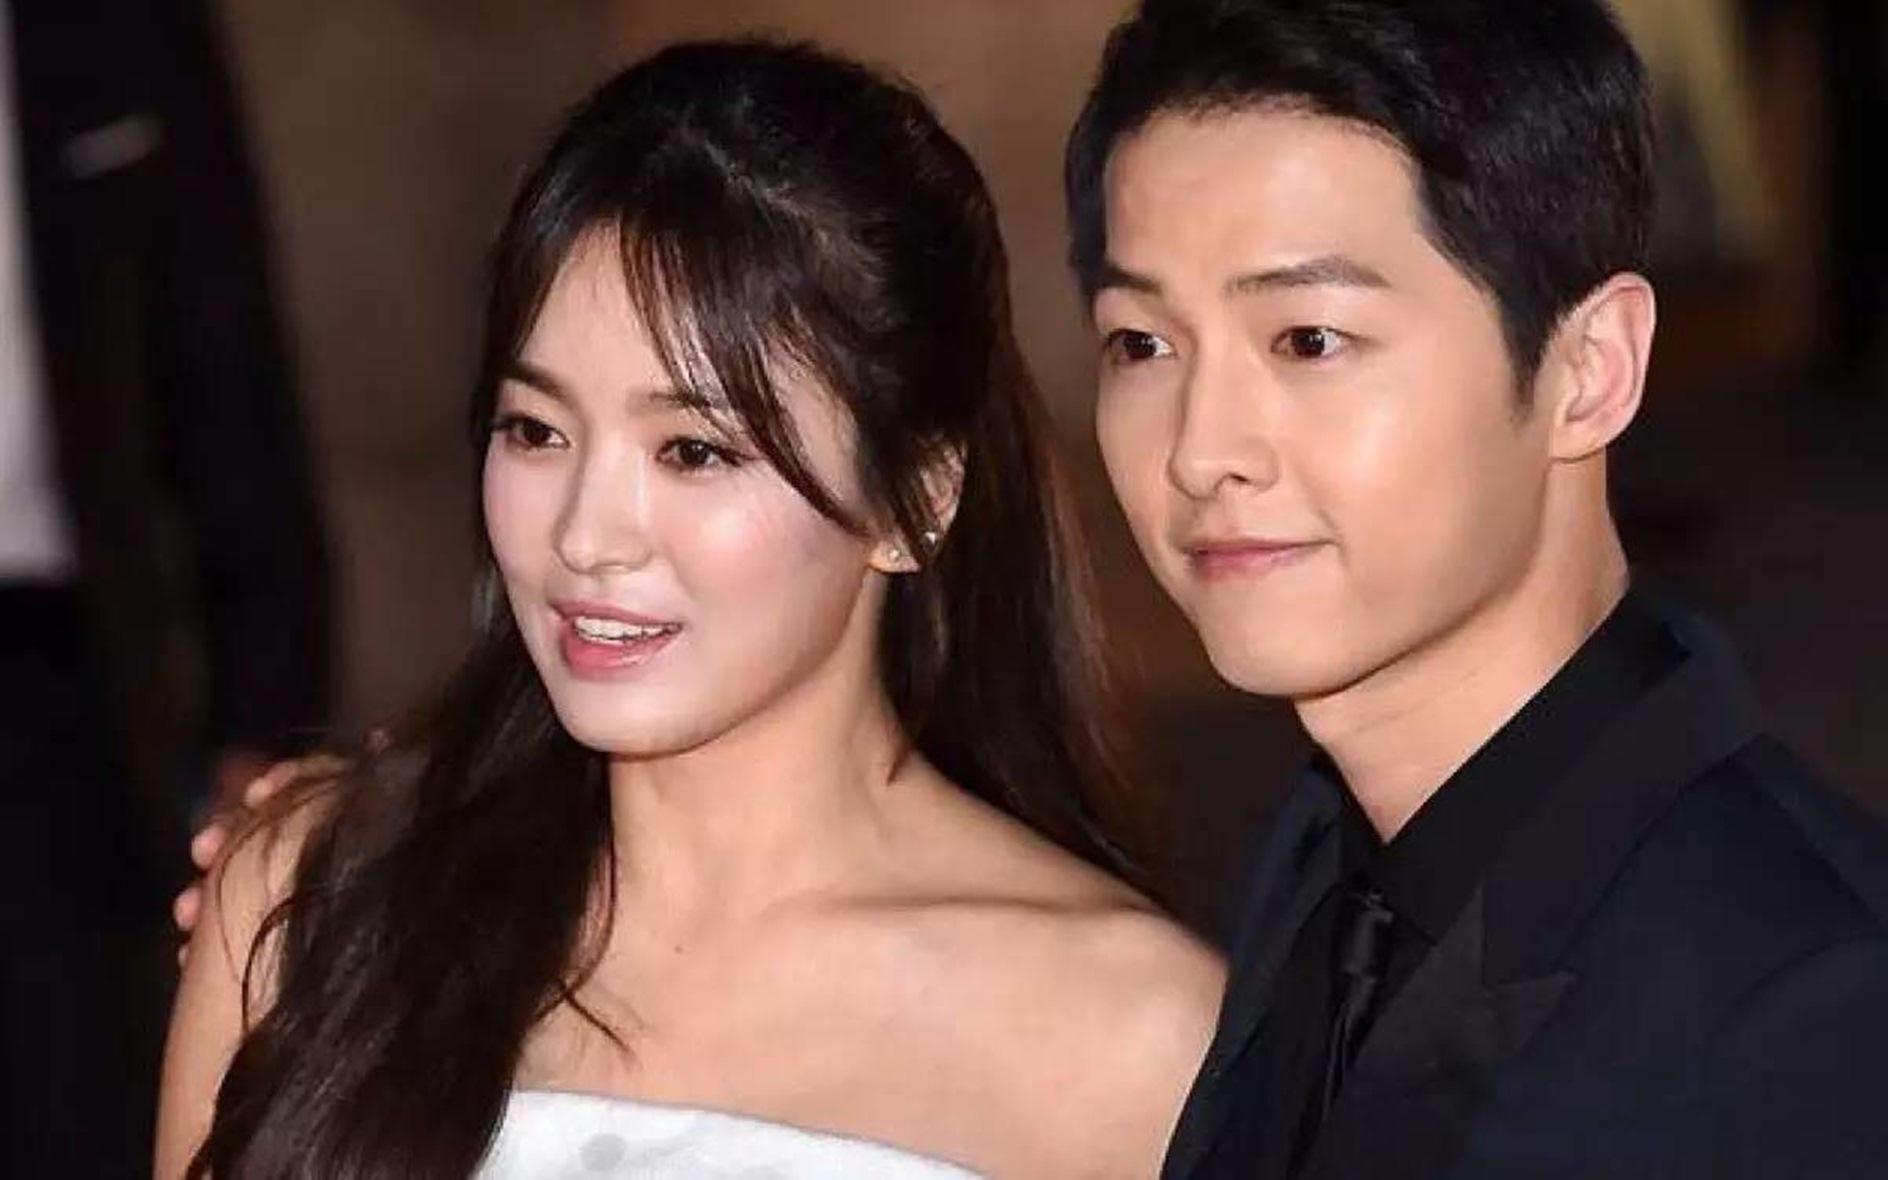 Mengejutkan, Song Joong Ki Mengkonfirmasi dan Mengumumkan Bahwa Dia Akan Menceraikan Song Hye Kyo 3